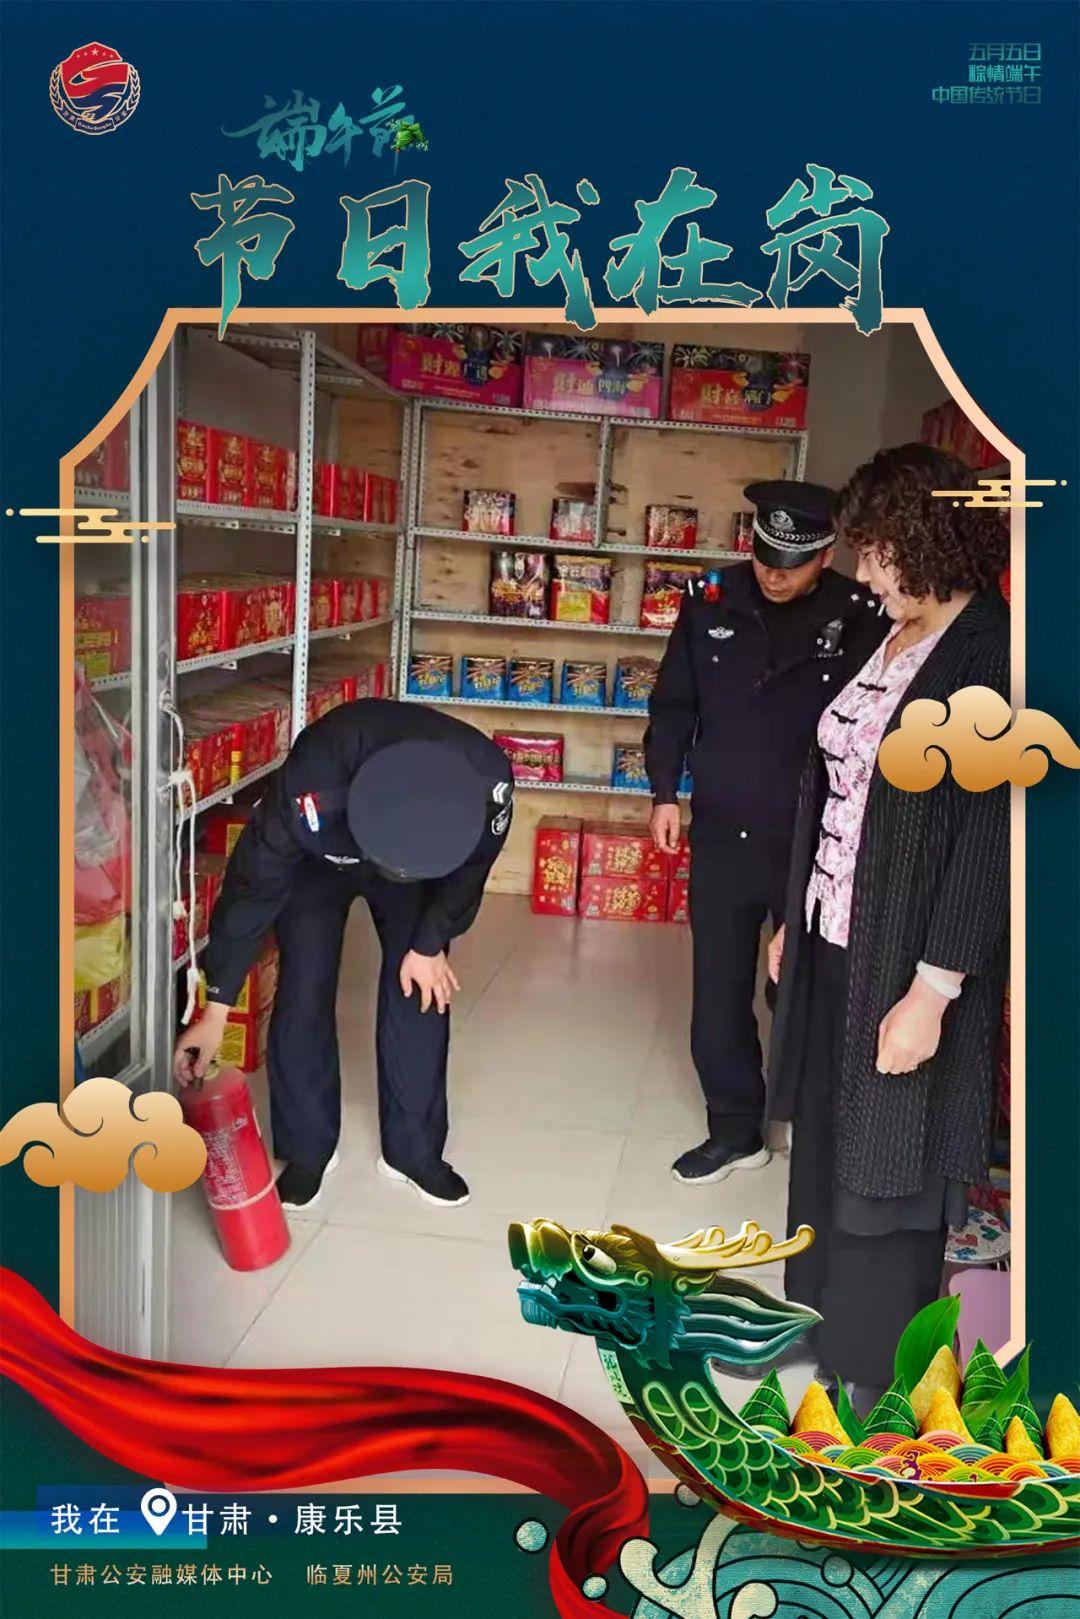 """【节日我在岗】端午假期 临夏公安""""粽""""情守护"""